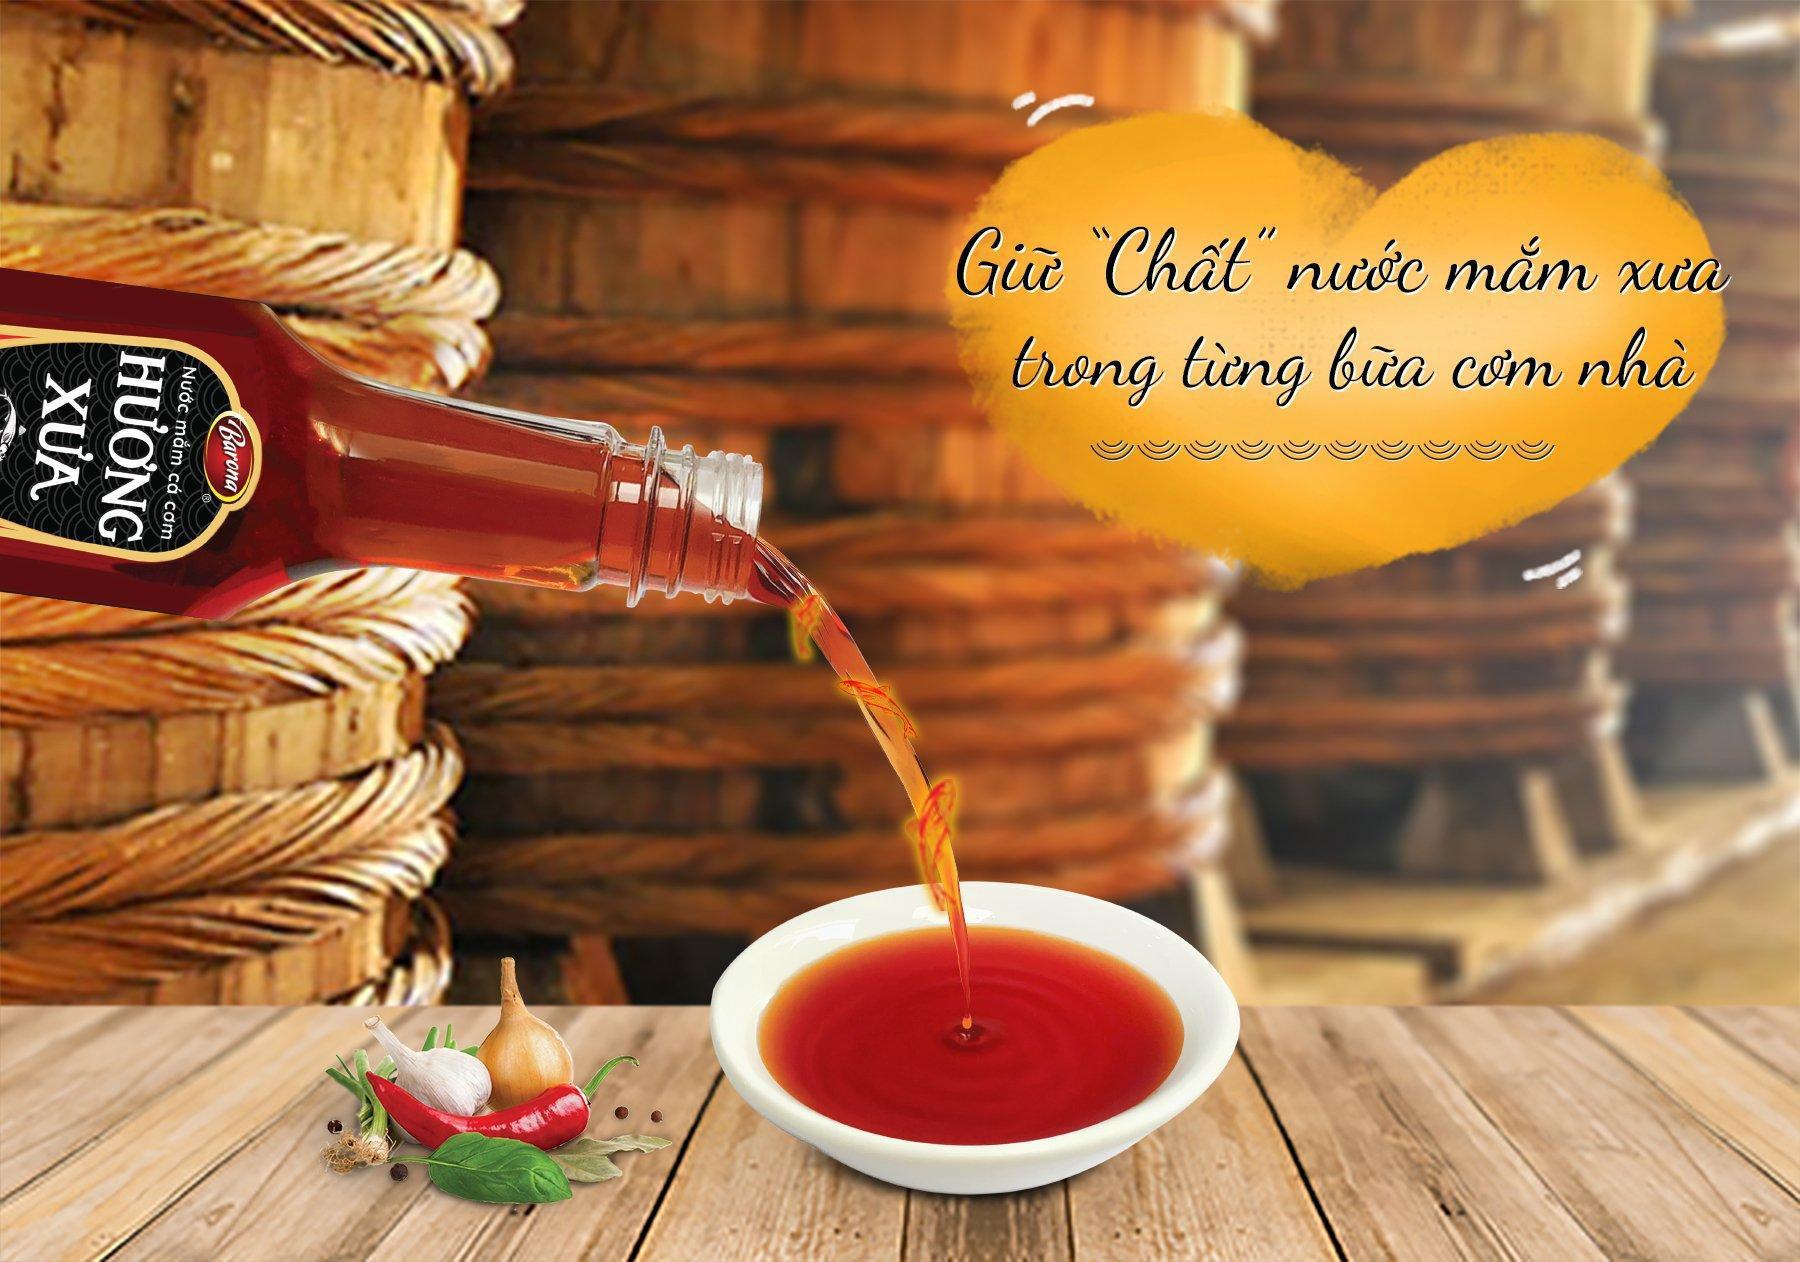 Nước mắm cá cơm - Hồn túy ẩm thực Việt - Ảnh 2.